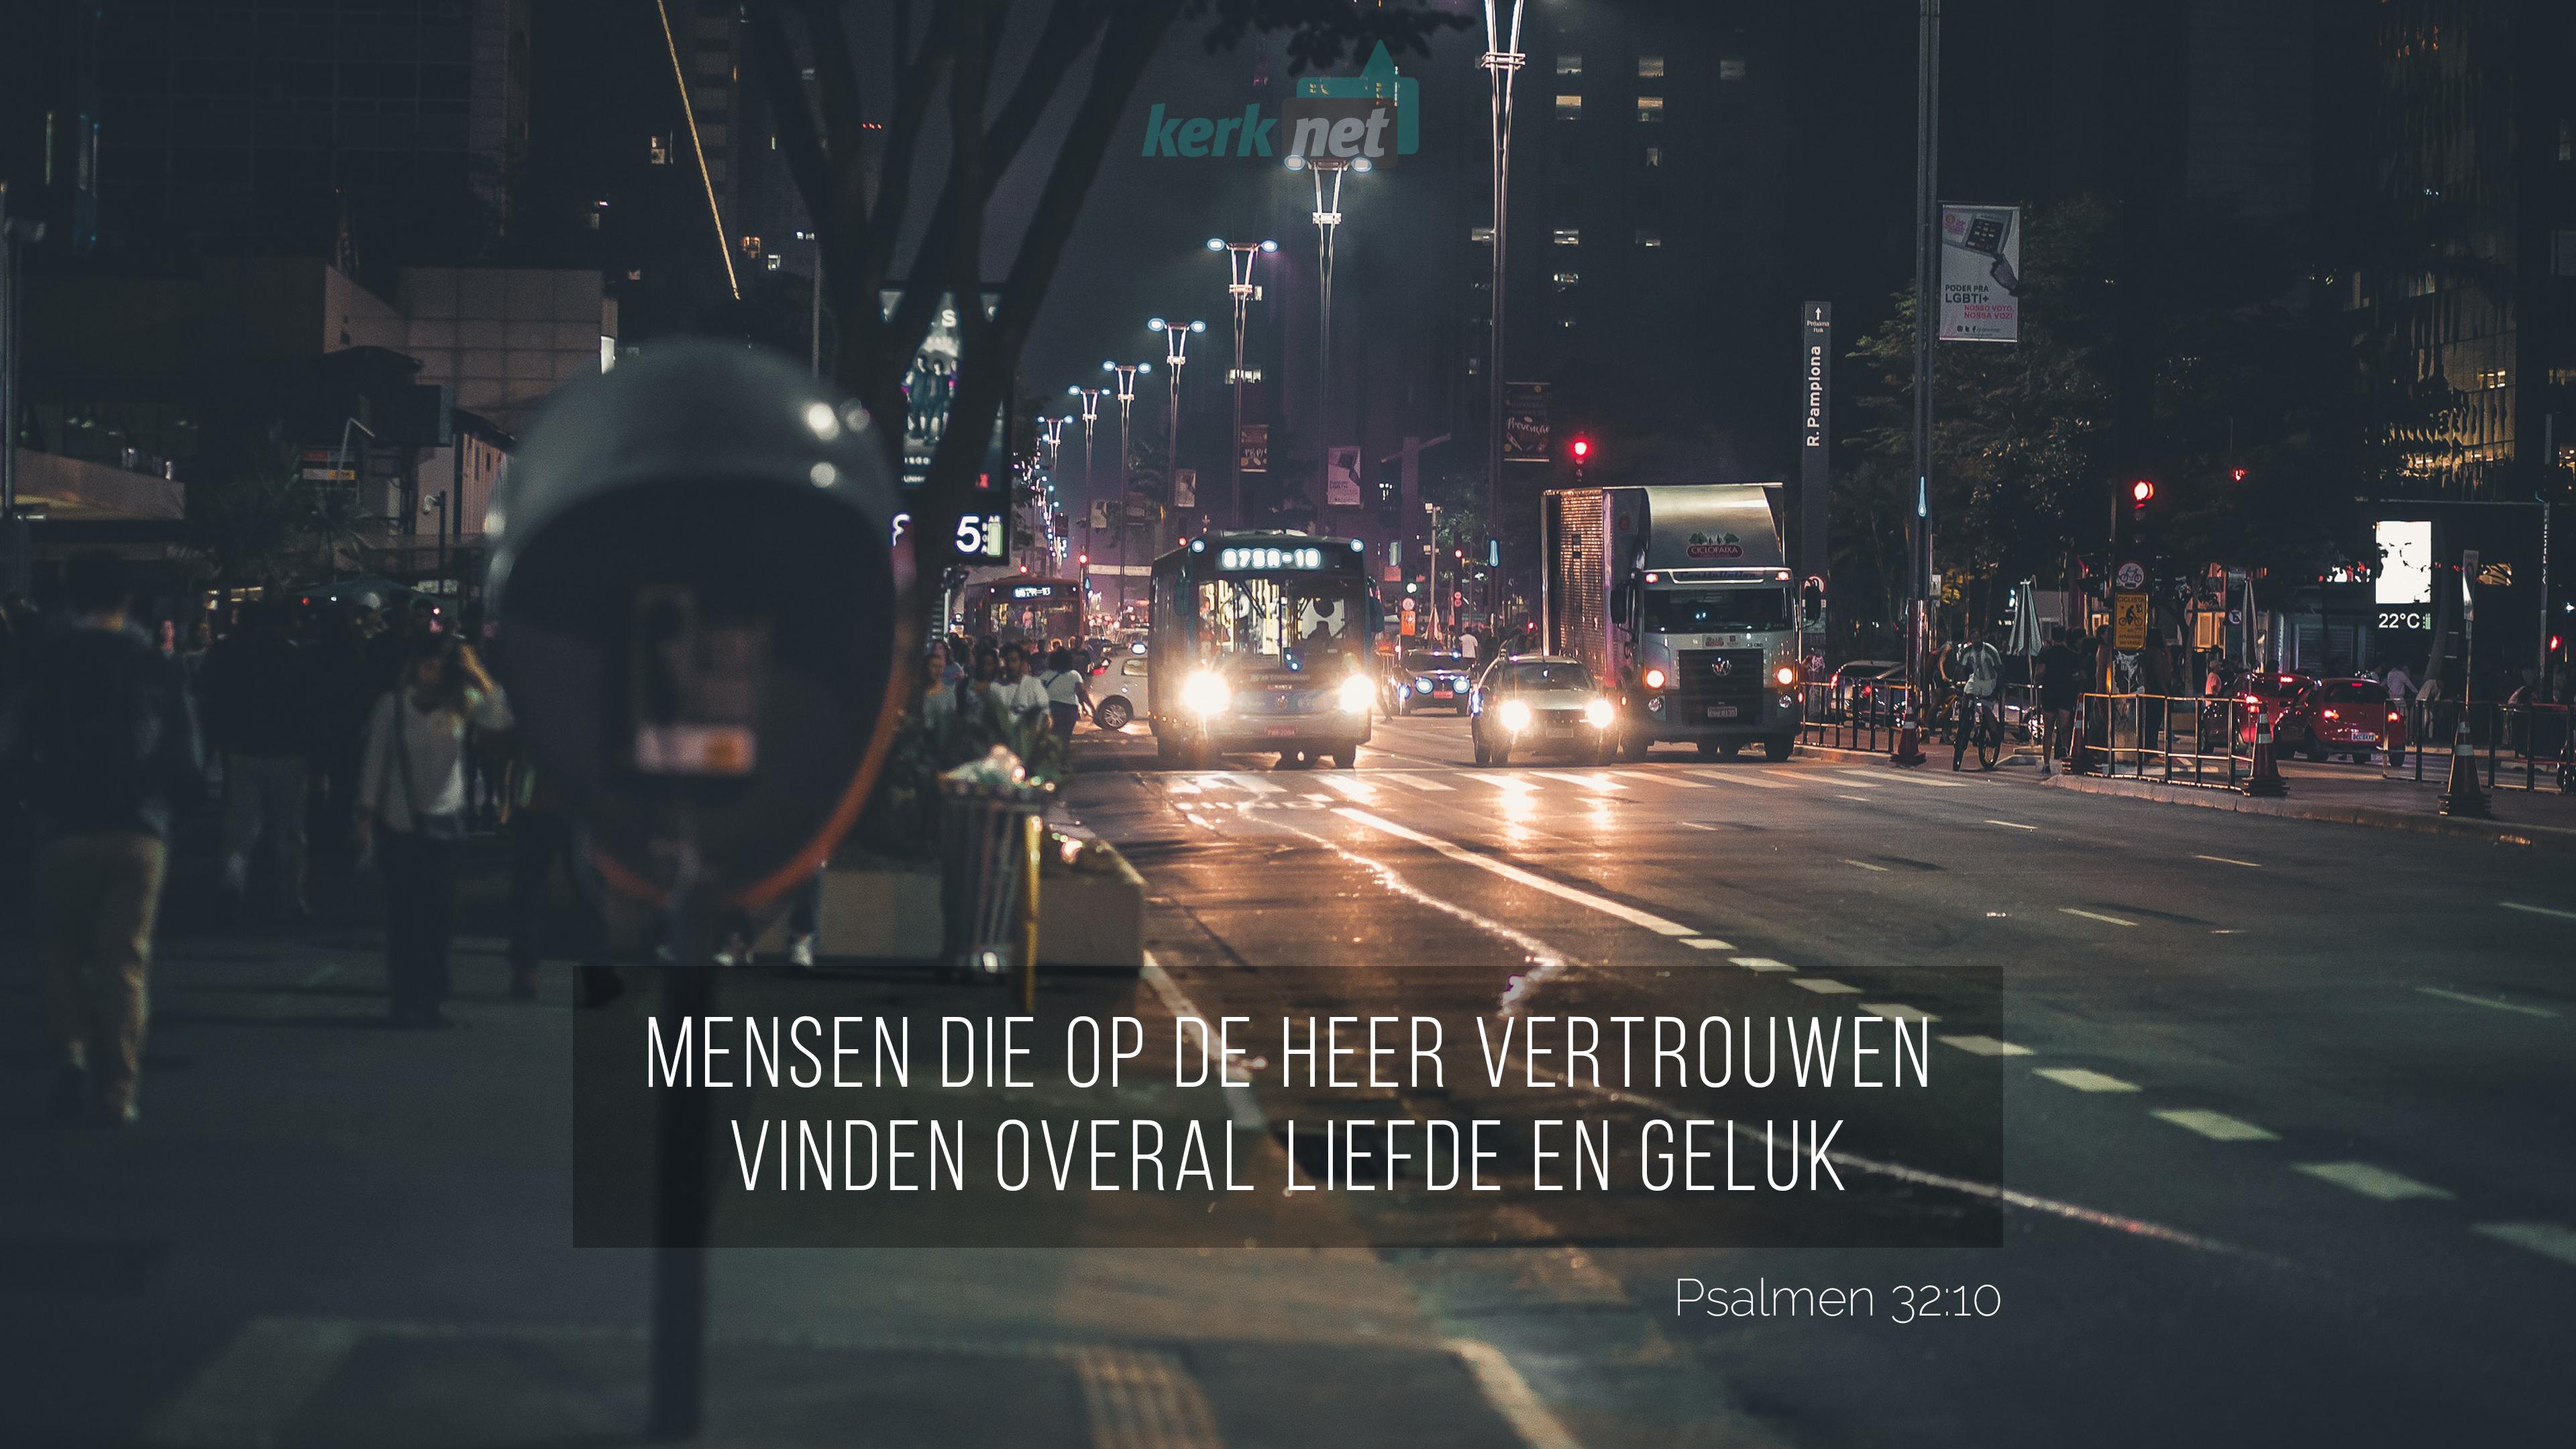 BijbelsGeluk 3 Op de Heer vertrouwen © Photo by sergio souza on Unsplash - Psalmen 32:10 BGT